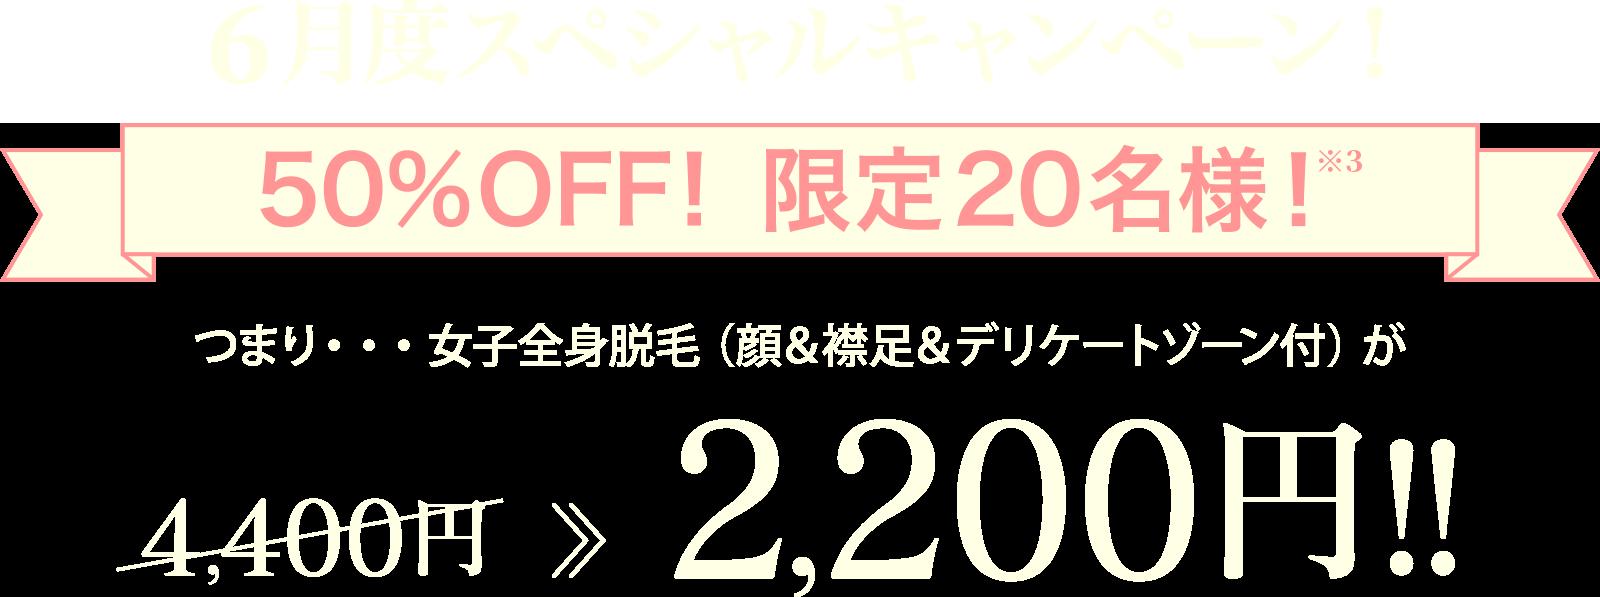 10月度スペシャルキャンペーン!50%OFF! 限定20名様!つまり・・・女子全身脱毛(顔&襟足&デリケートゾーン付)が4,400円 >> 2,200円‼